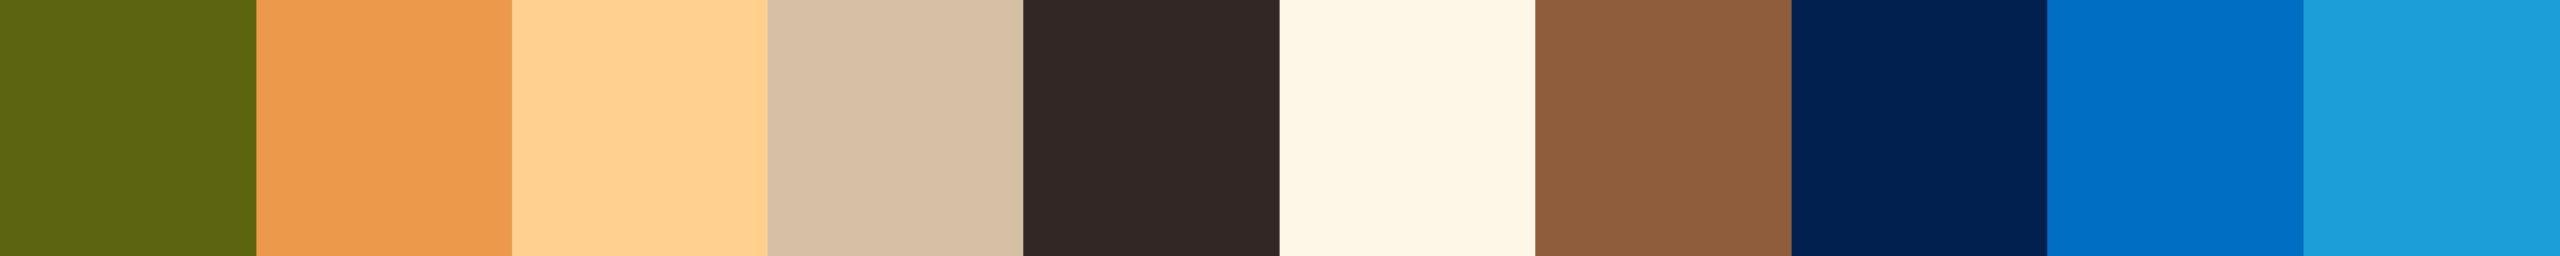 601 Elesia Color Palette